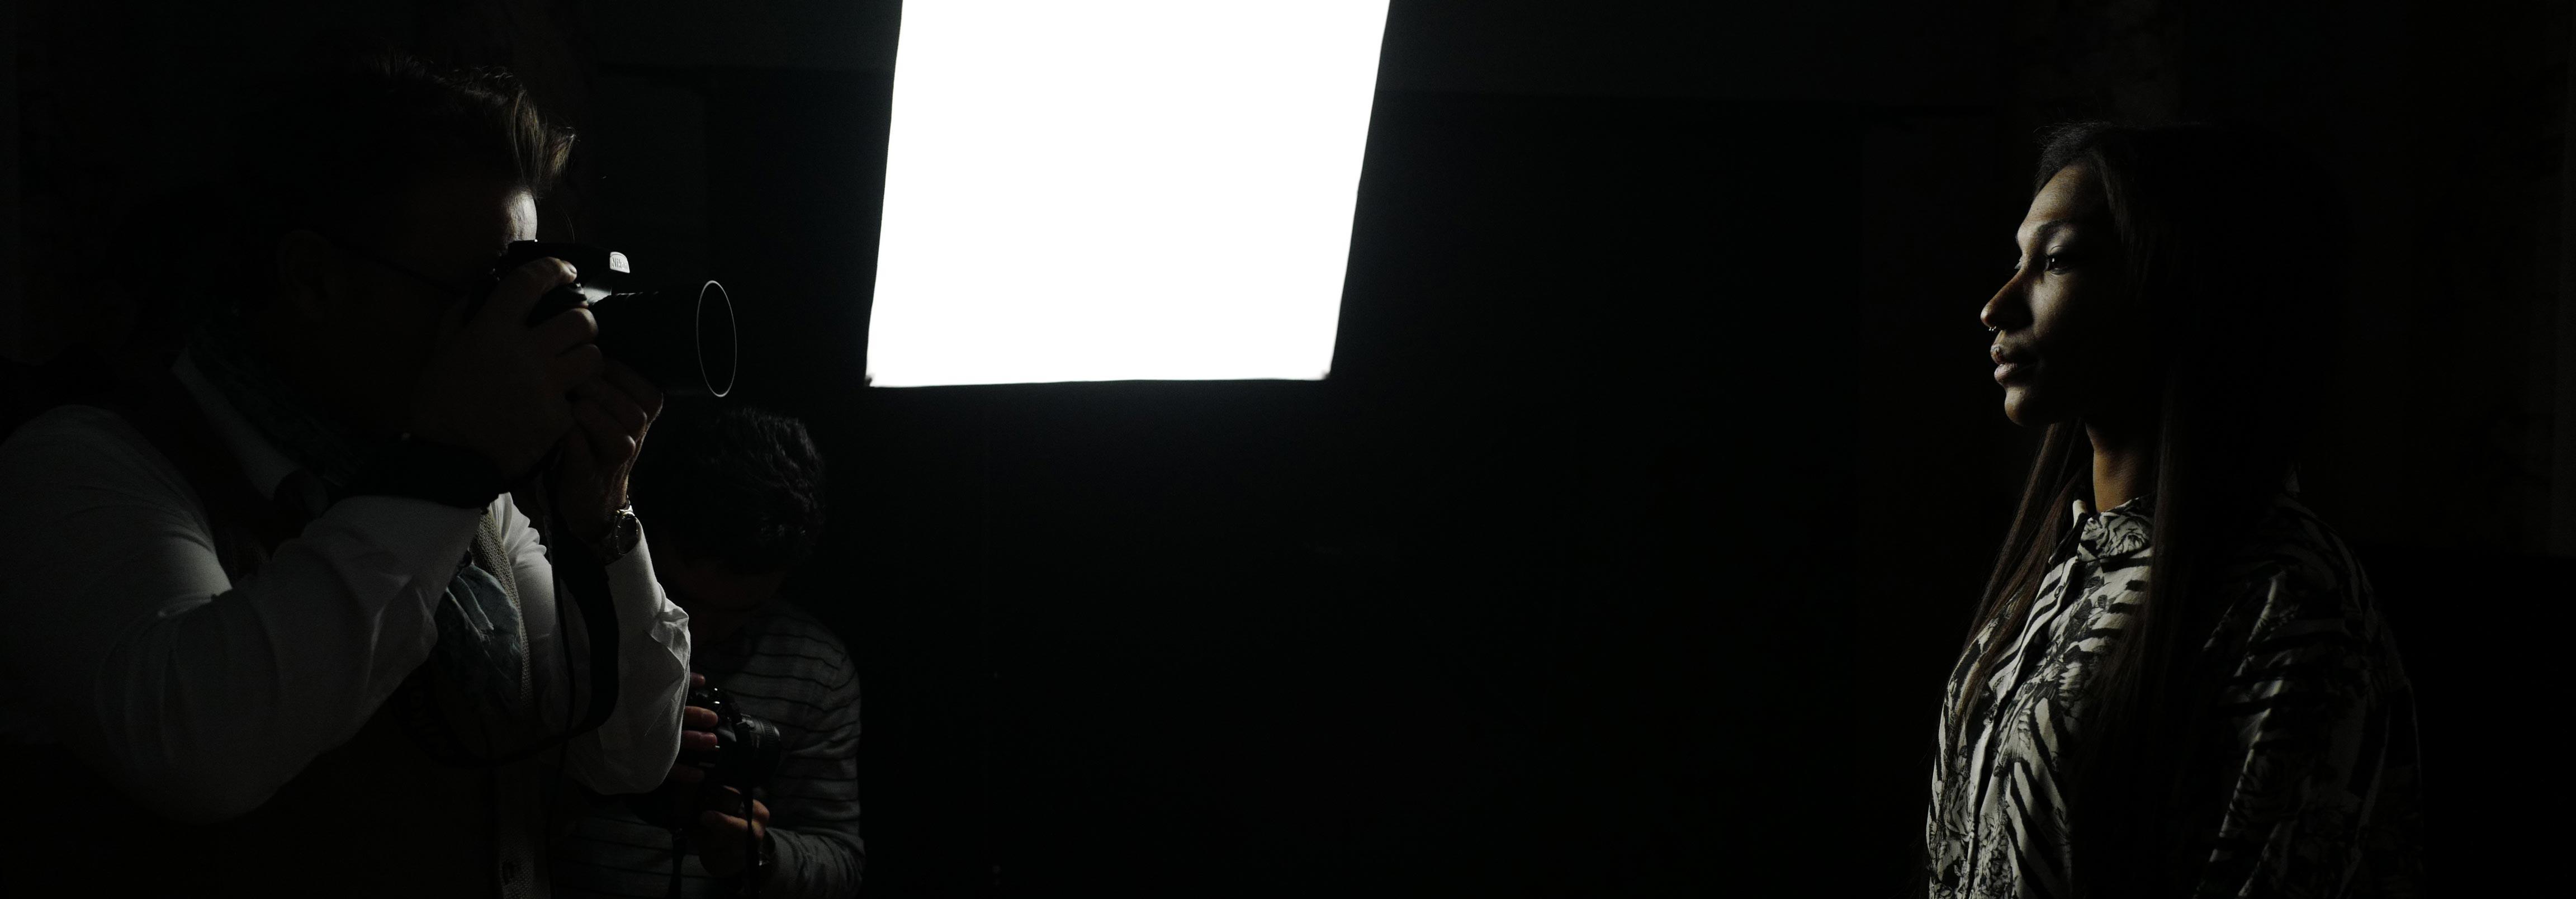 servizi fotografici professionali in studio